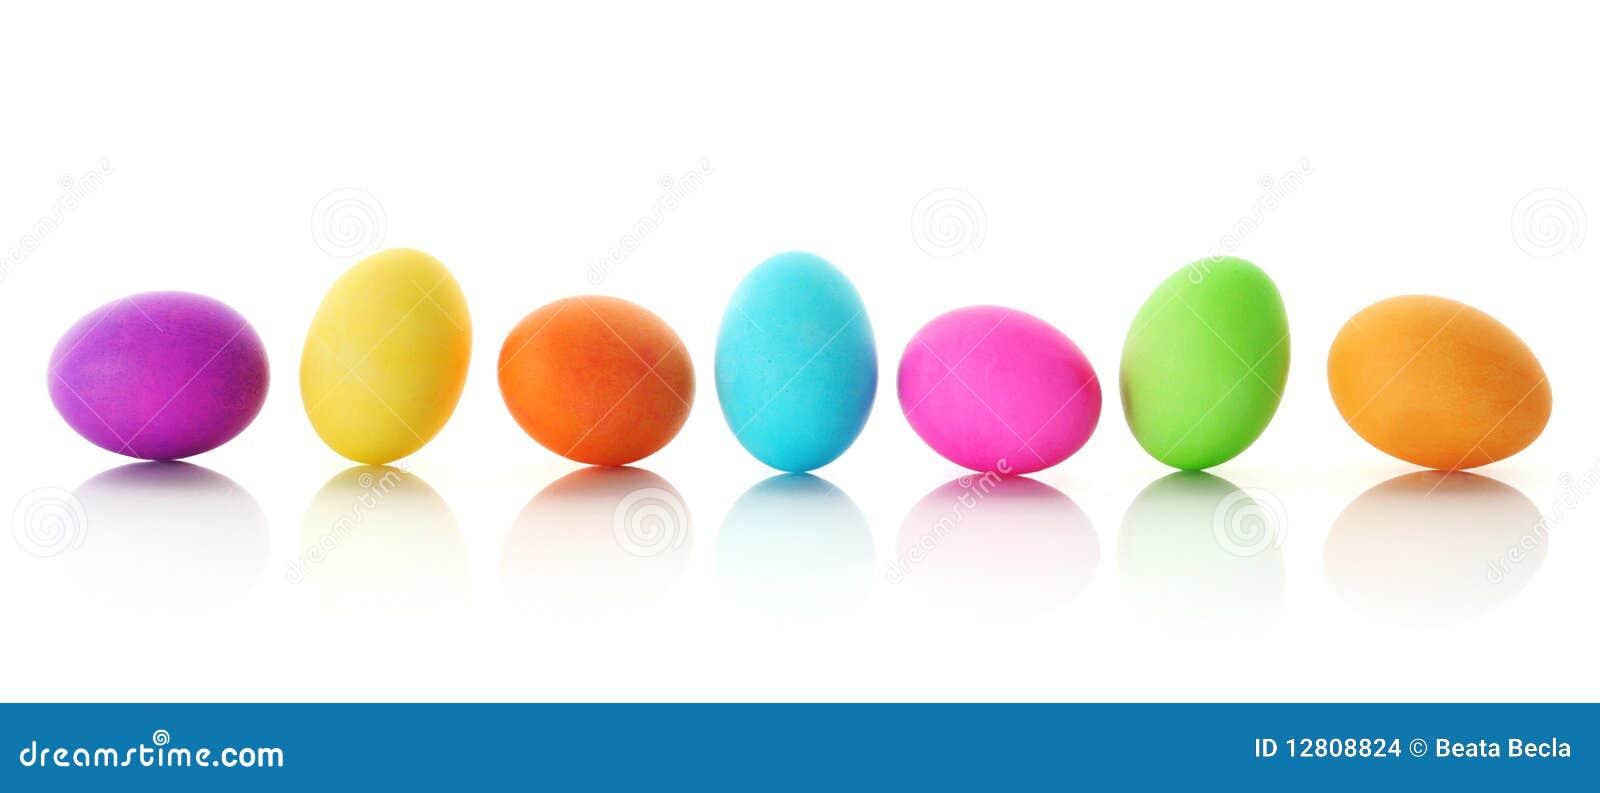 Huevos de Pascua coloridos en una fila